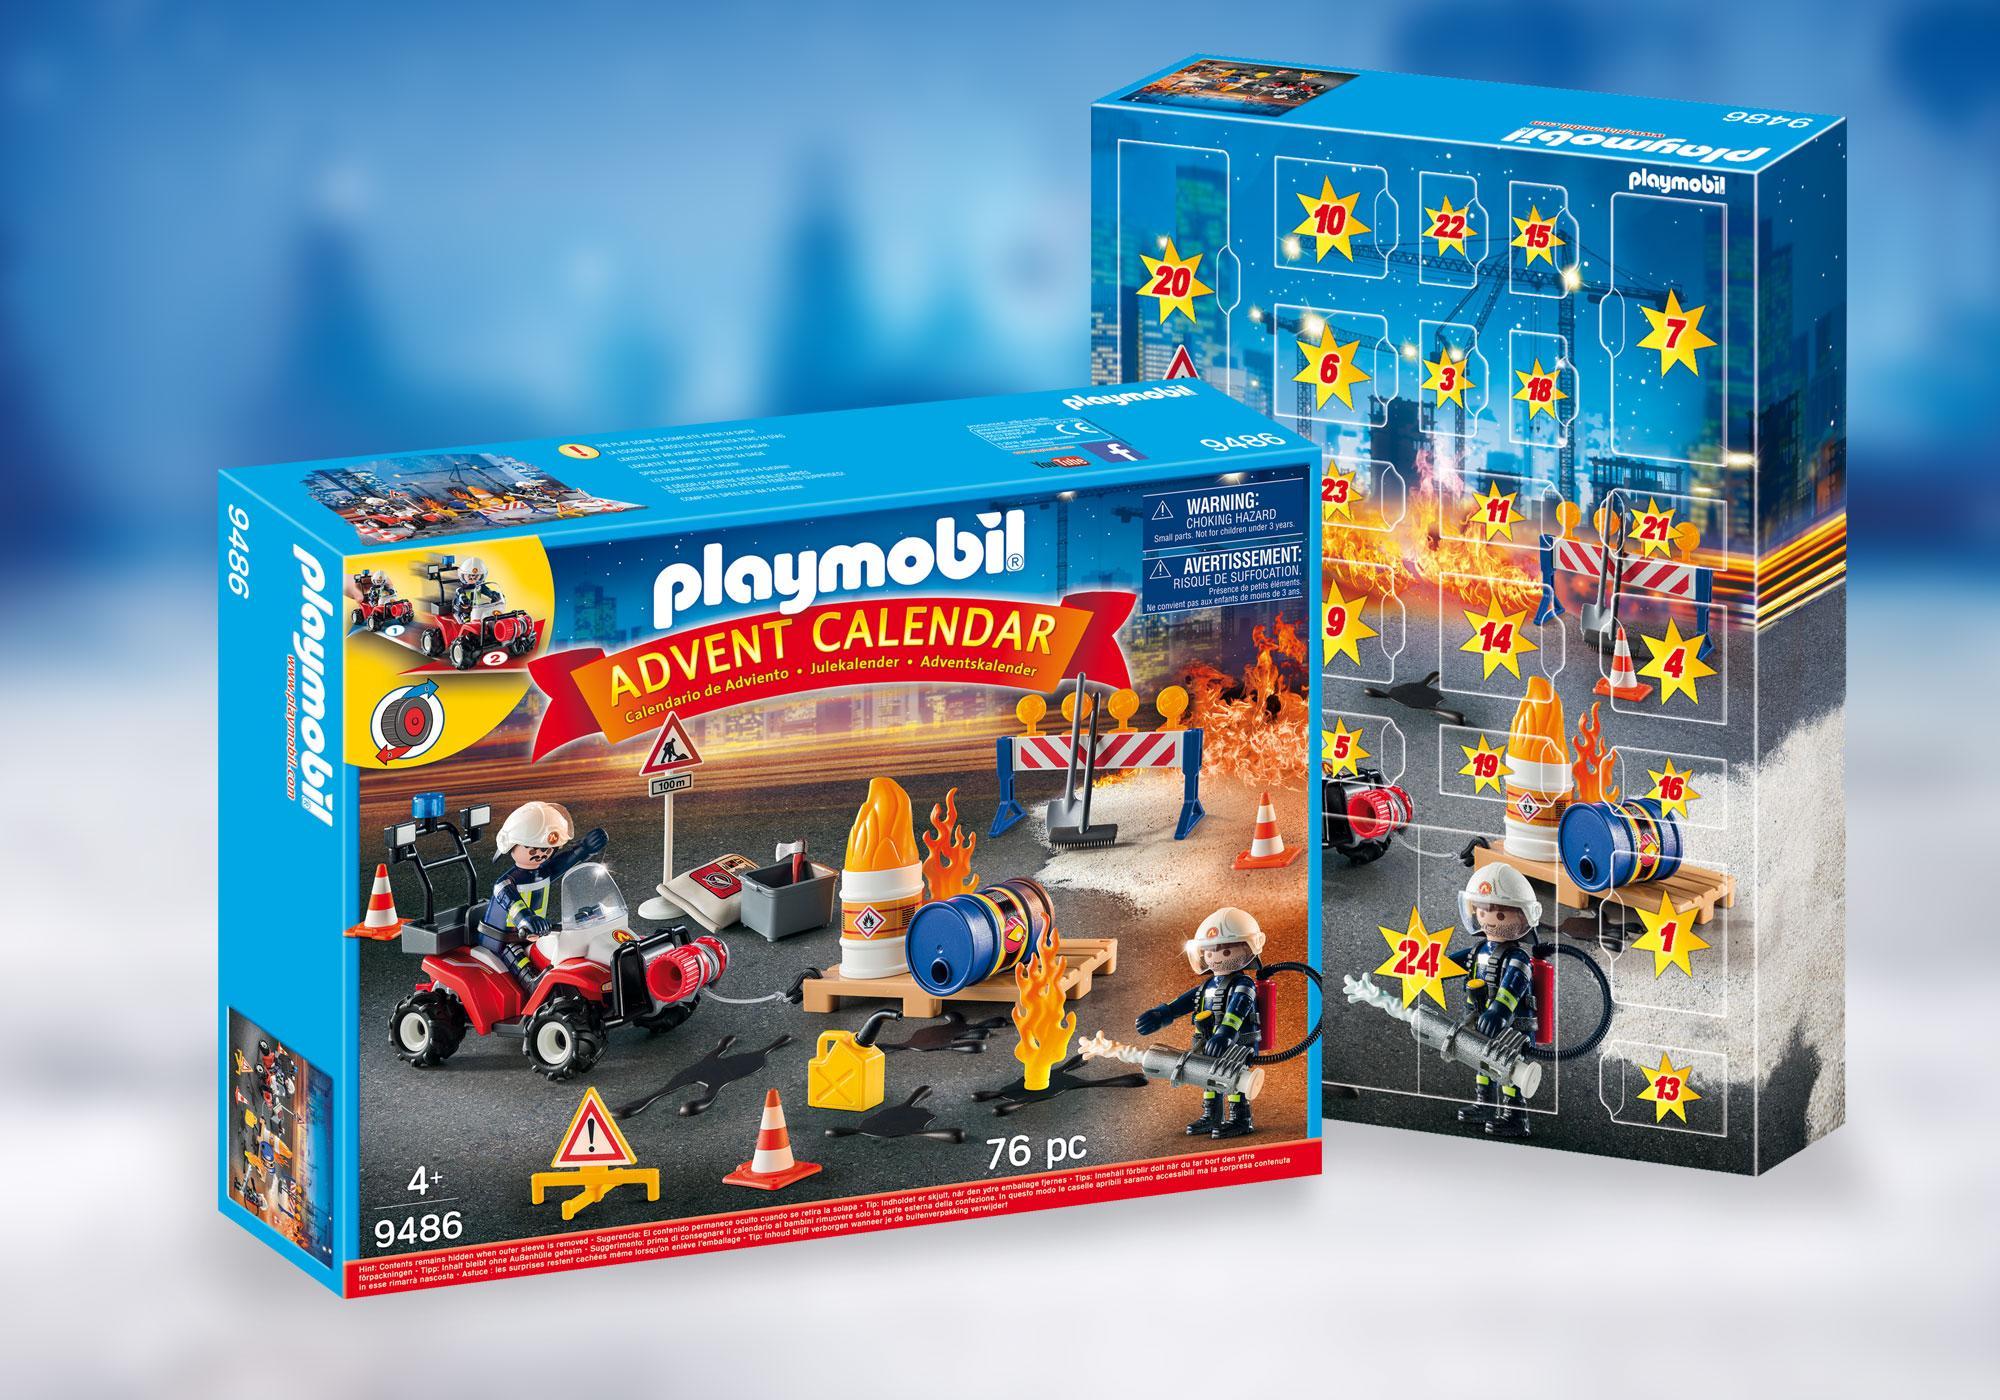 """http://media.playmobil.com/i/playmobil/9486_product_detail/Kalendarz adwentowy """"Akcja straży pożarnej na placu budowy"""""""